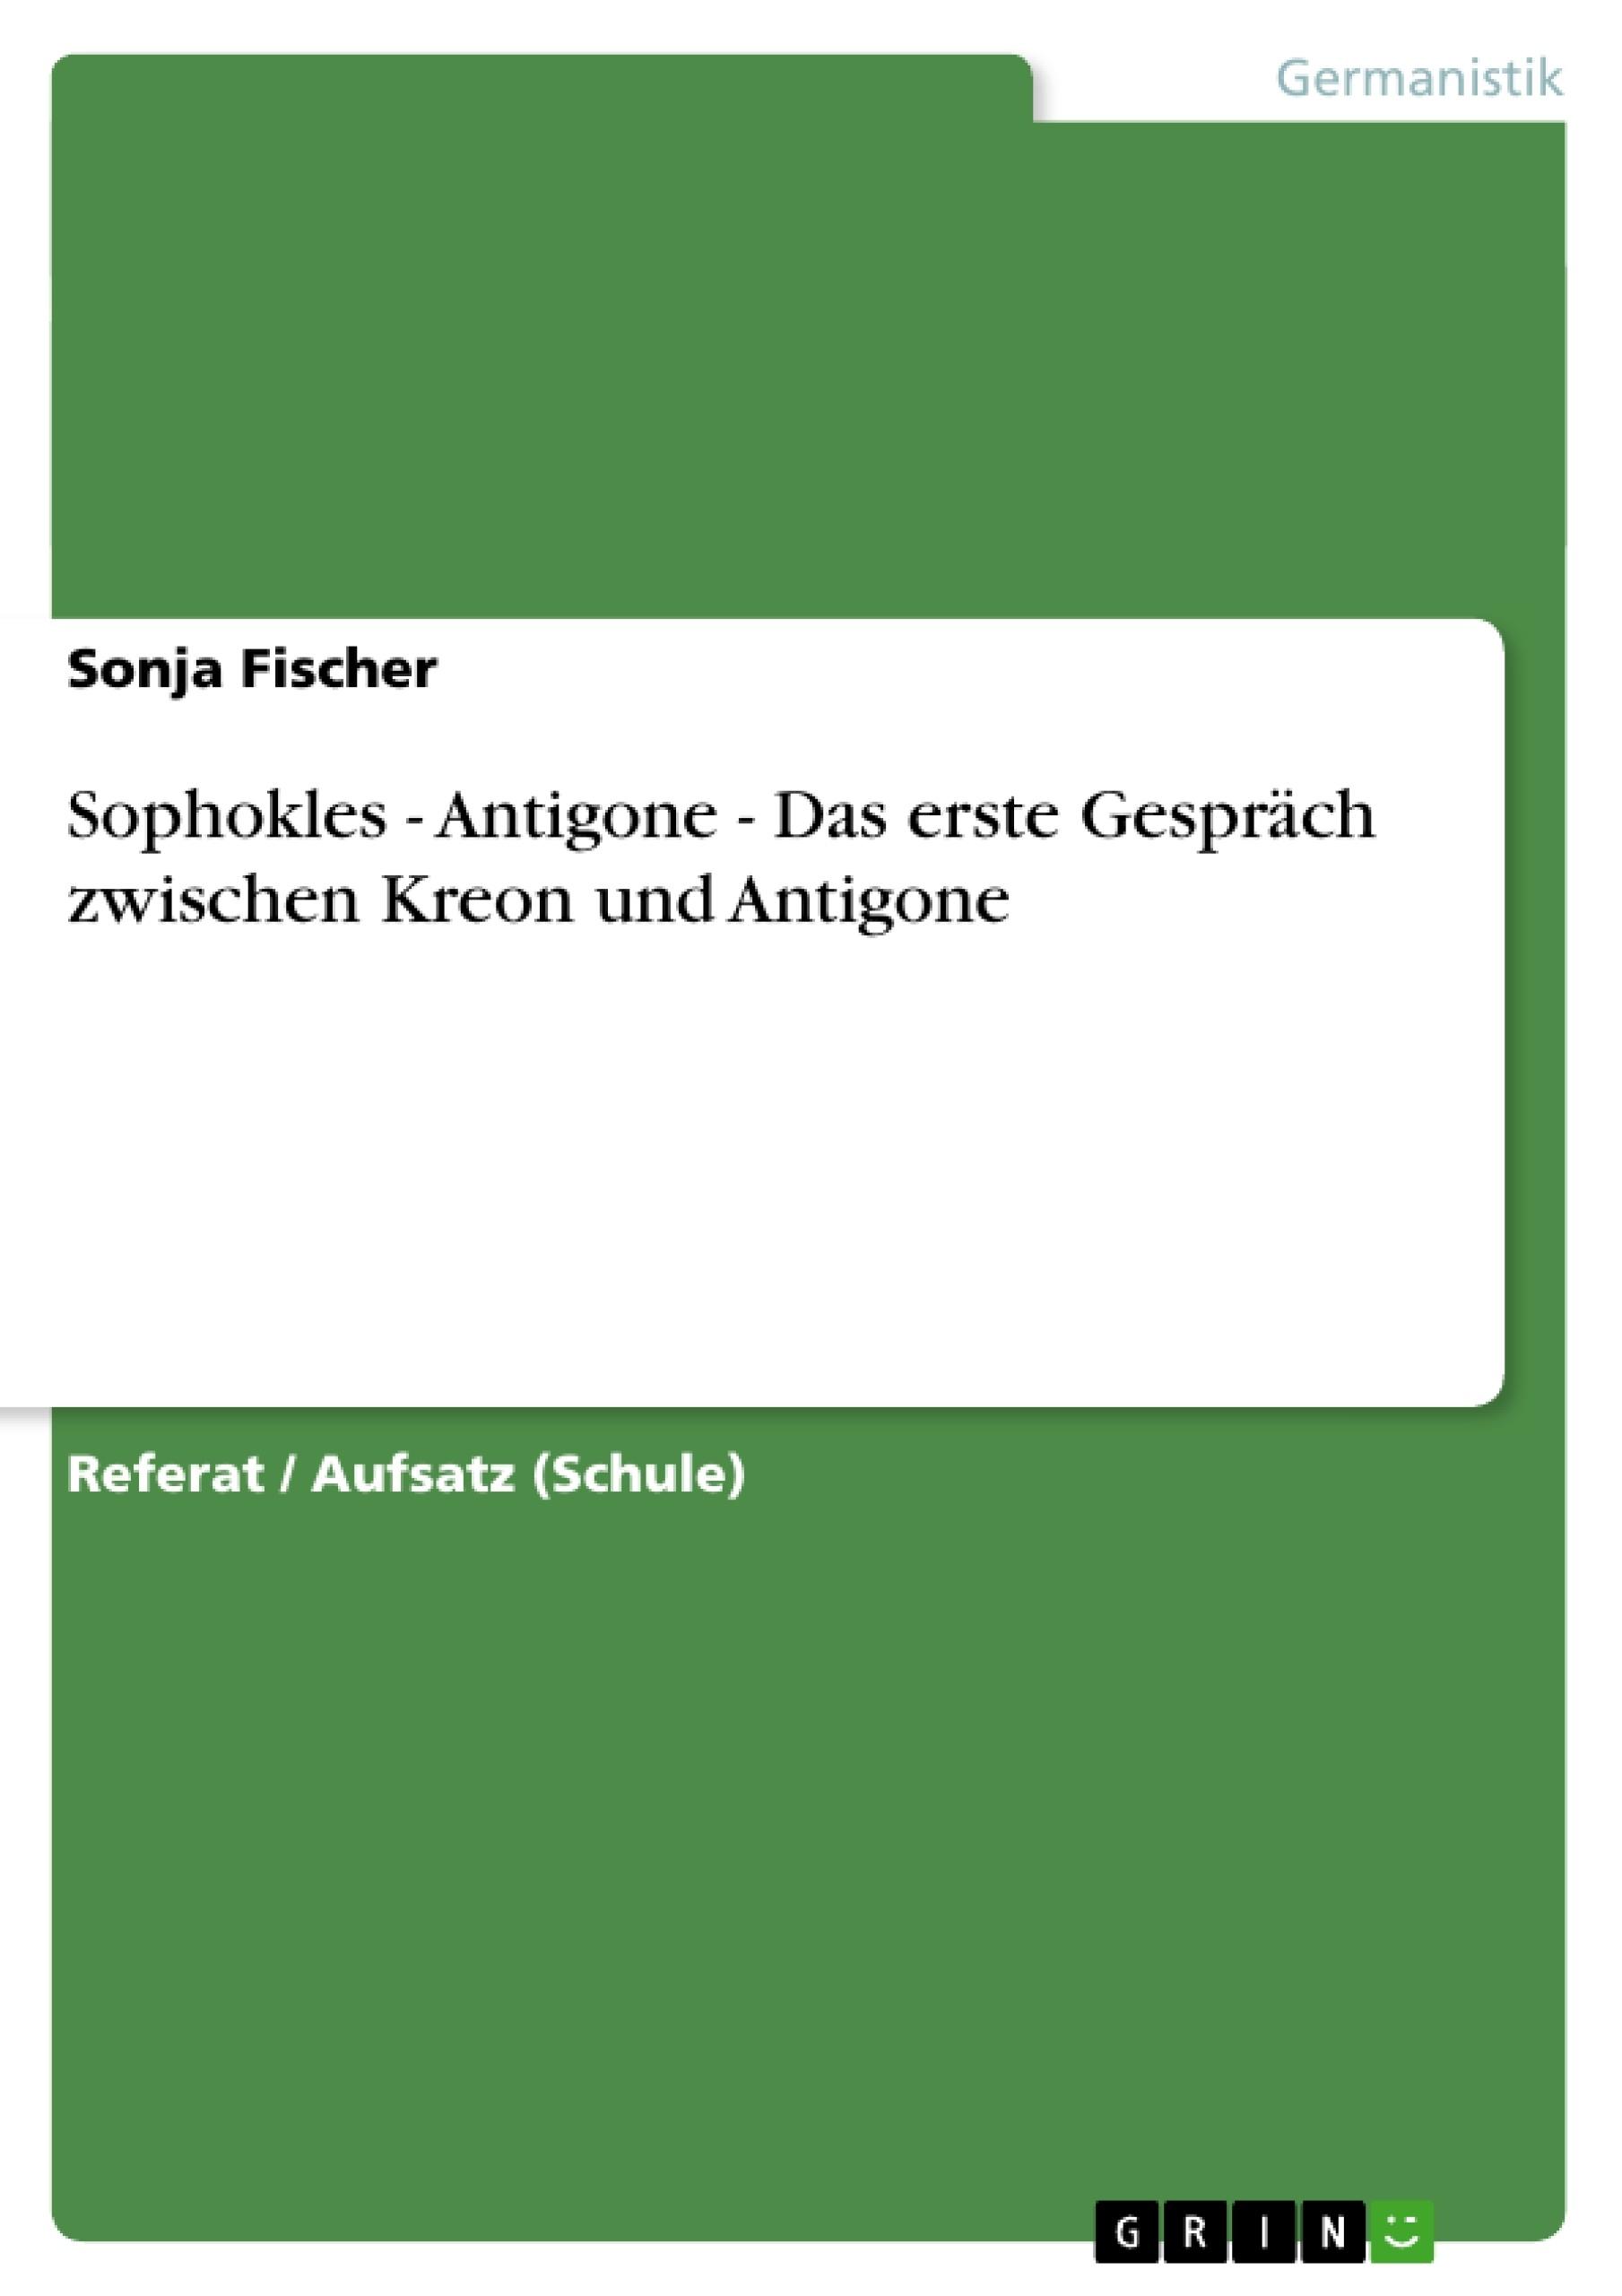 Titel: Sophokles - Antigone - Das erste Gespräch zwischen Kreon und Antigone